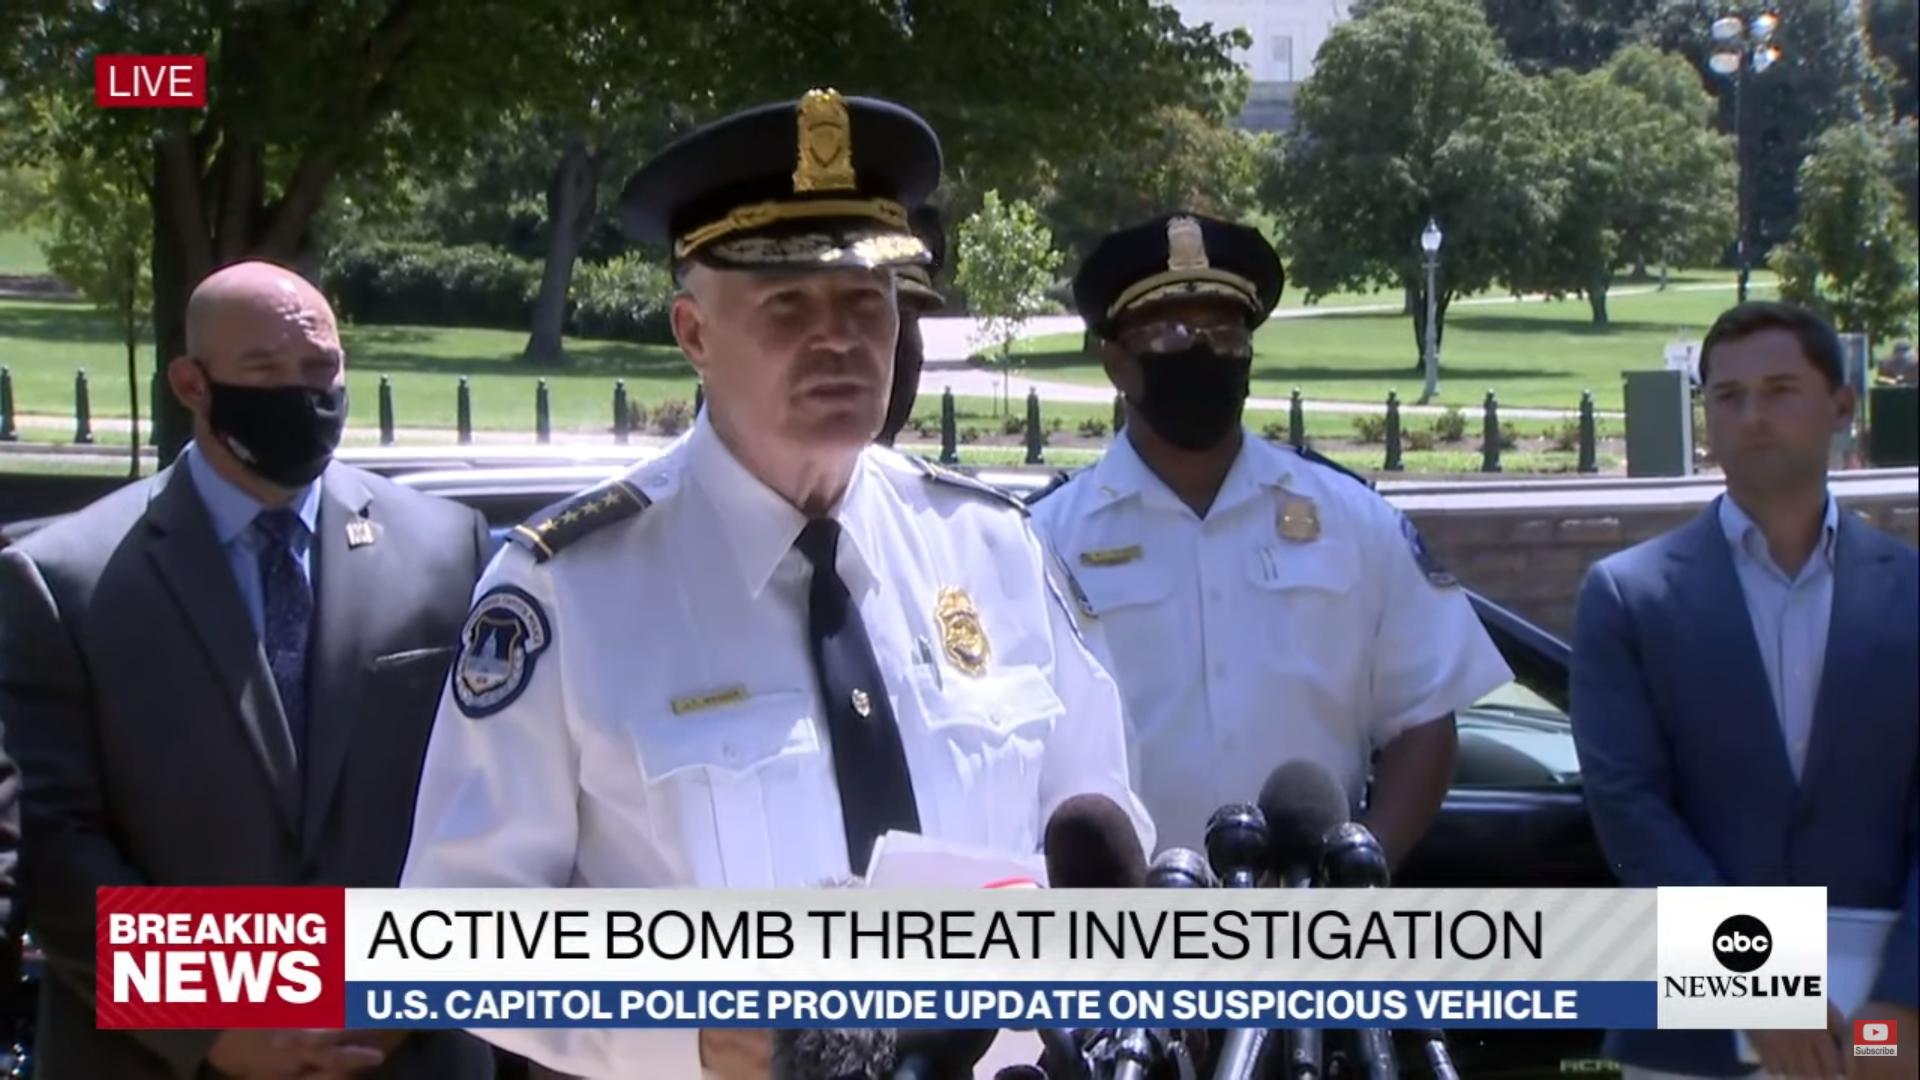 IMAGEM: Polícia do Capitólio negocia com homem que disse ter bomba perto da Biblioteca do Congresso